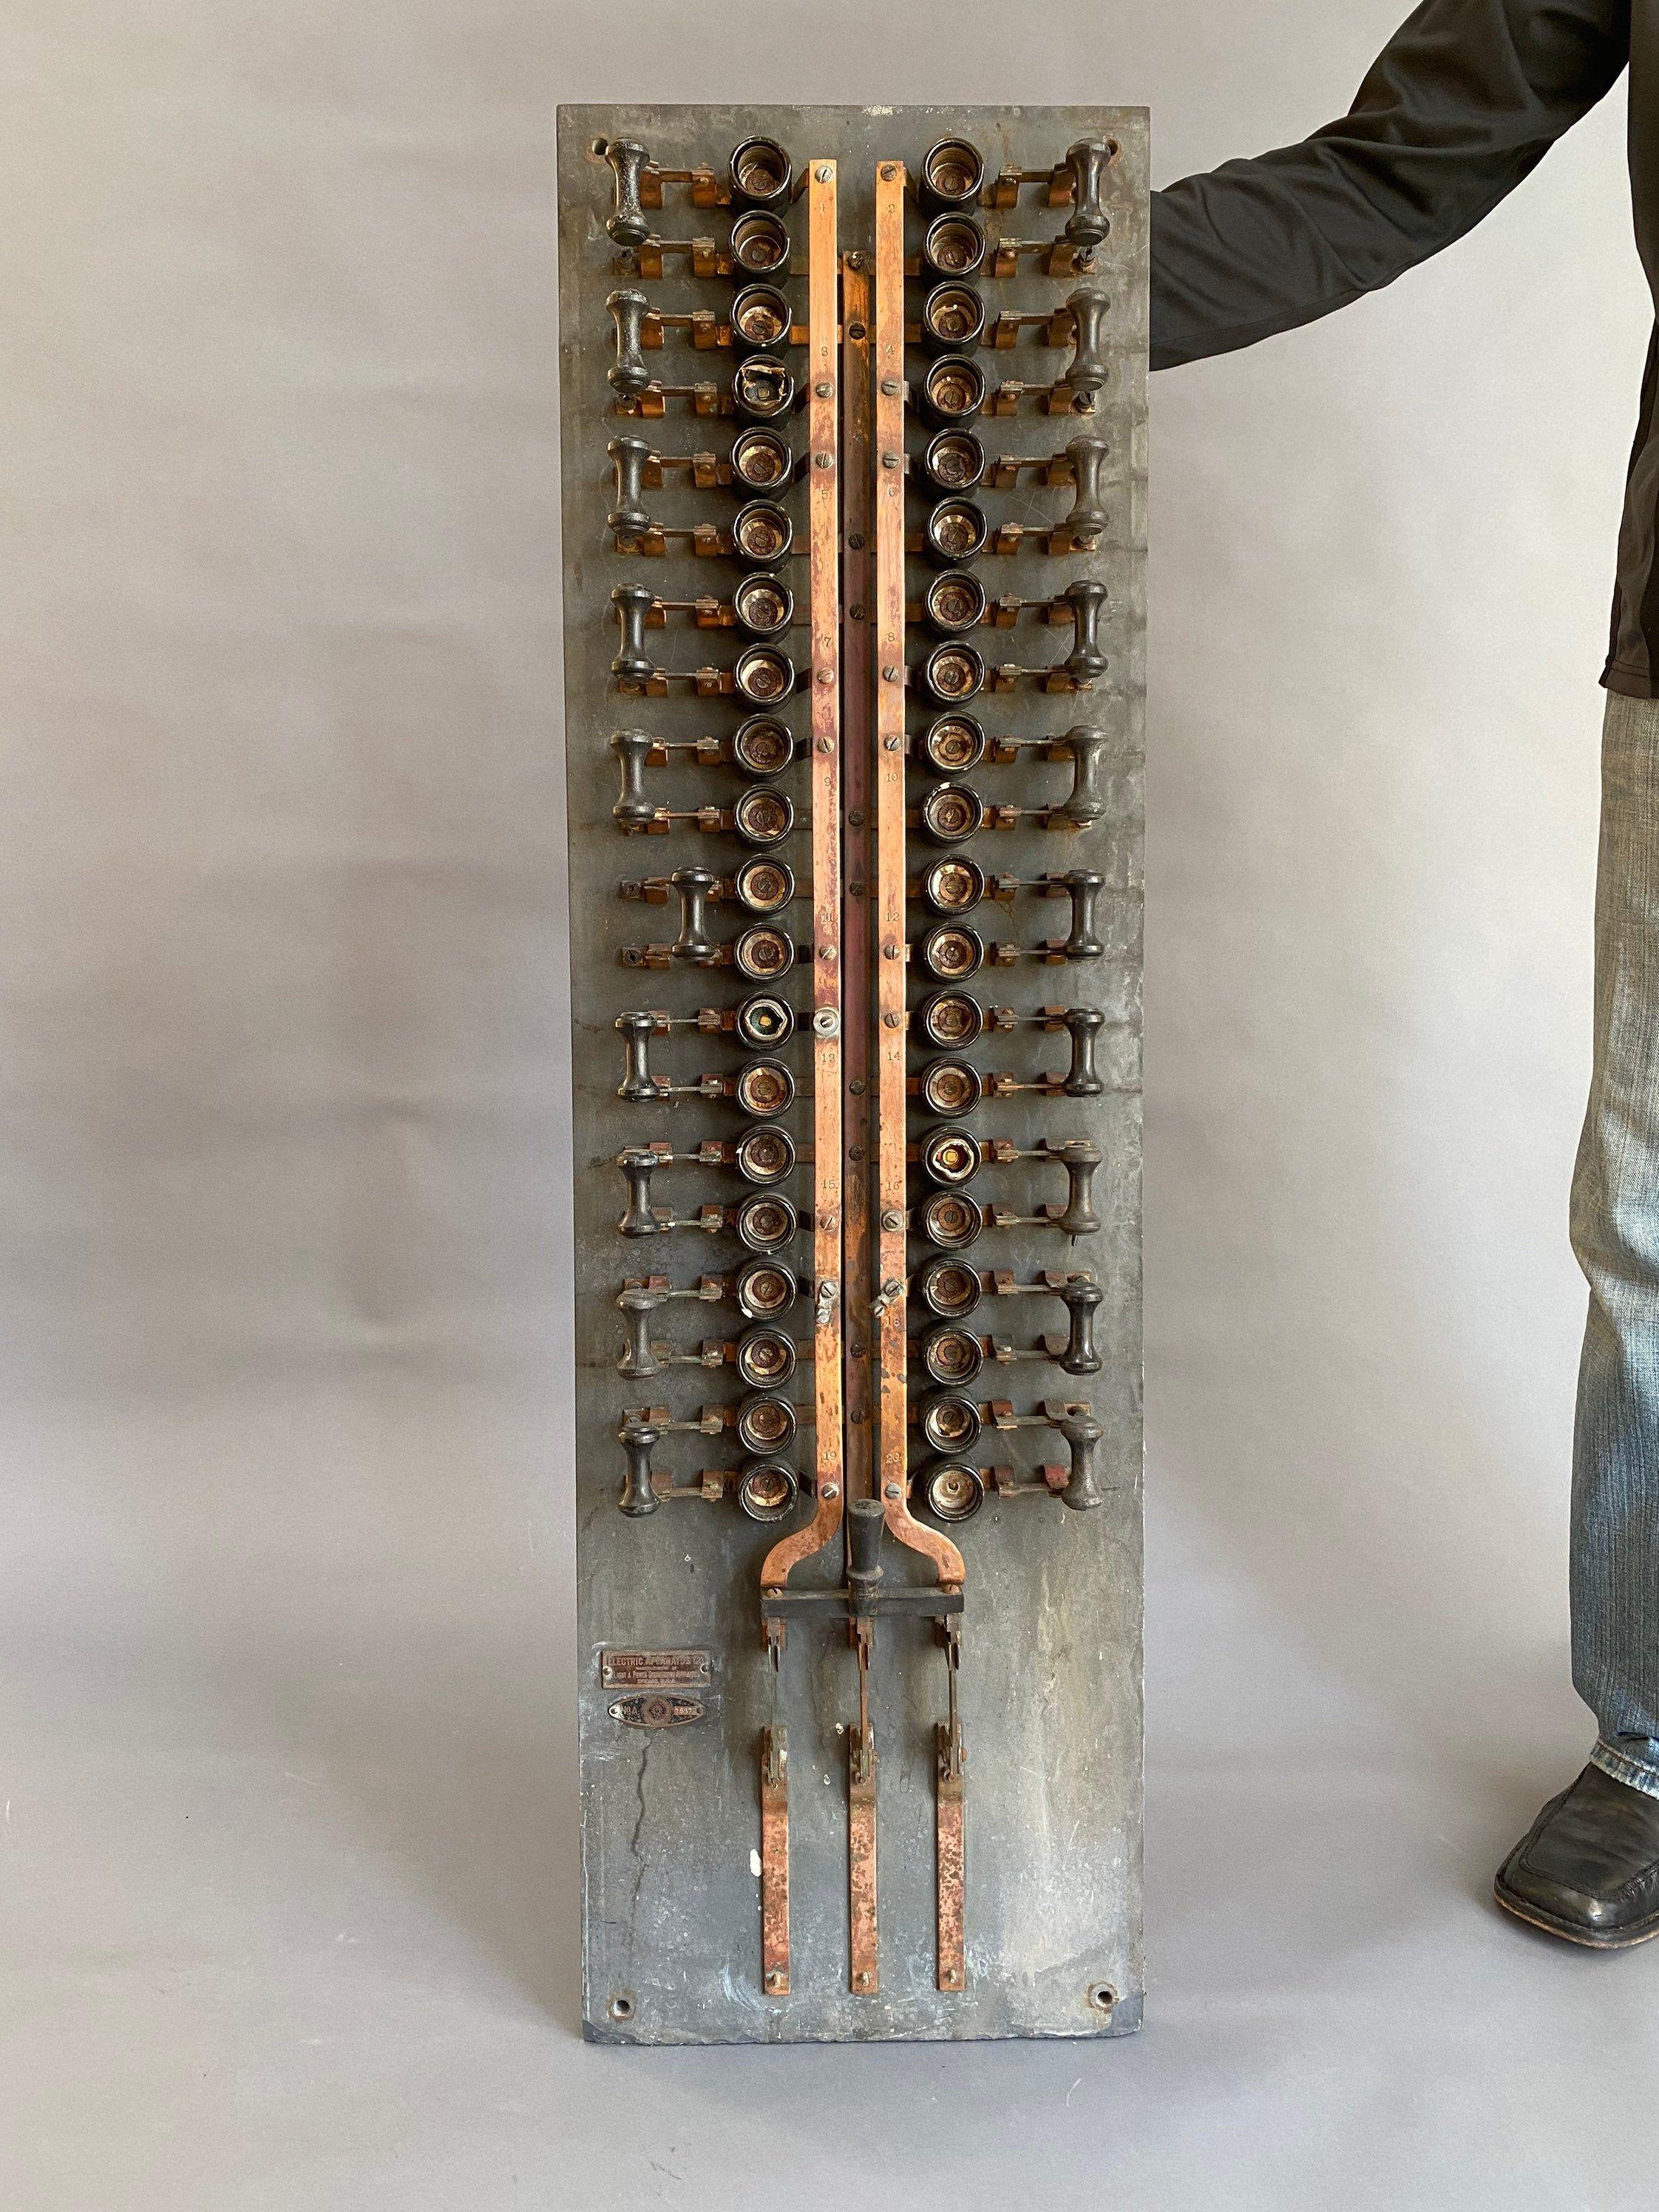 RESERVED Tom Vintage Industrial Slate Copper Fuse Panel | Etsy in 2020 |  Vintage industrial, Fuse panel, CopperPinterest